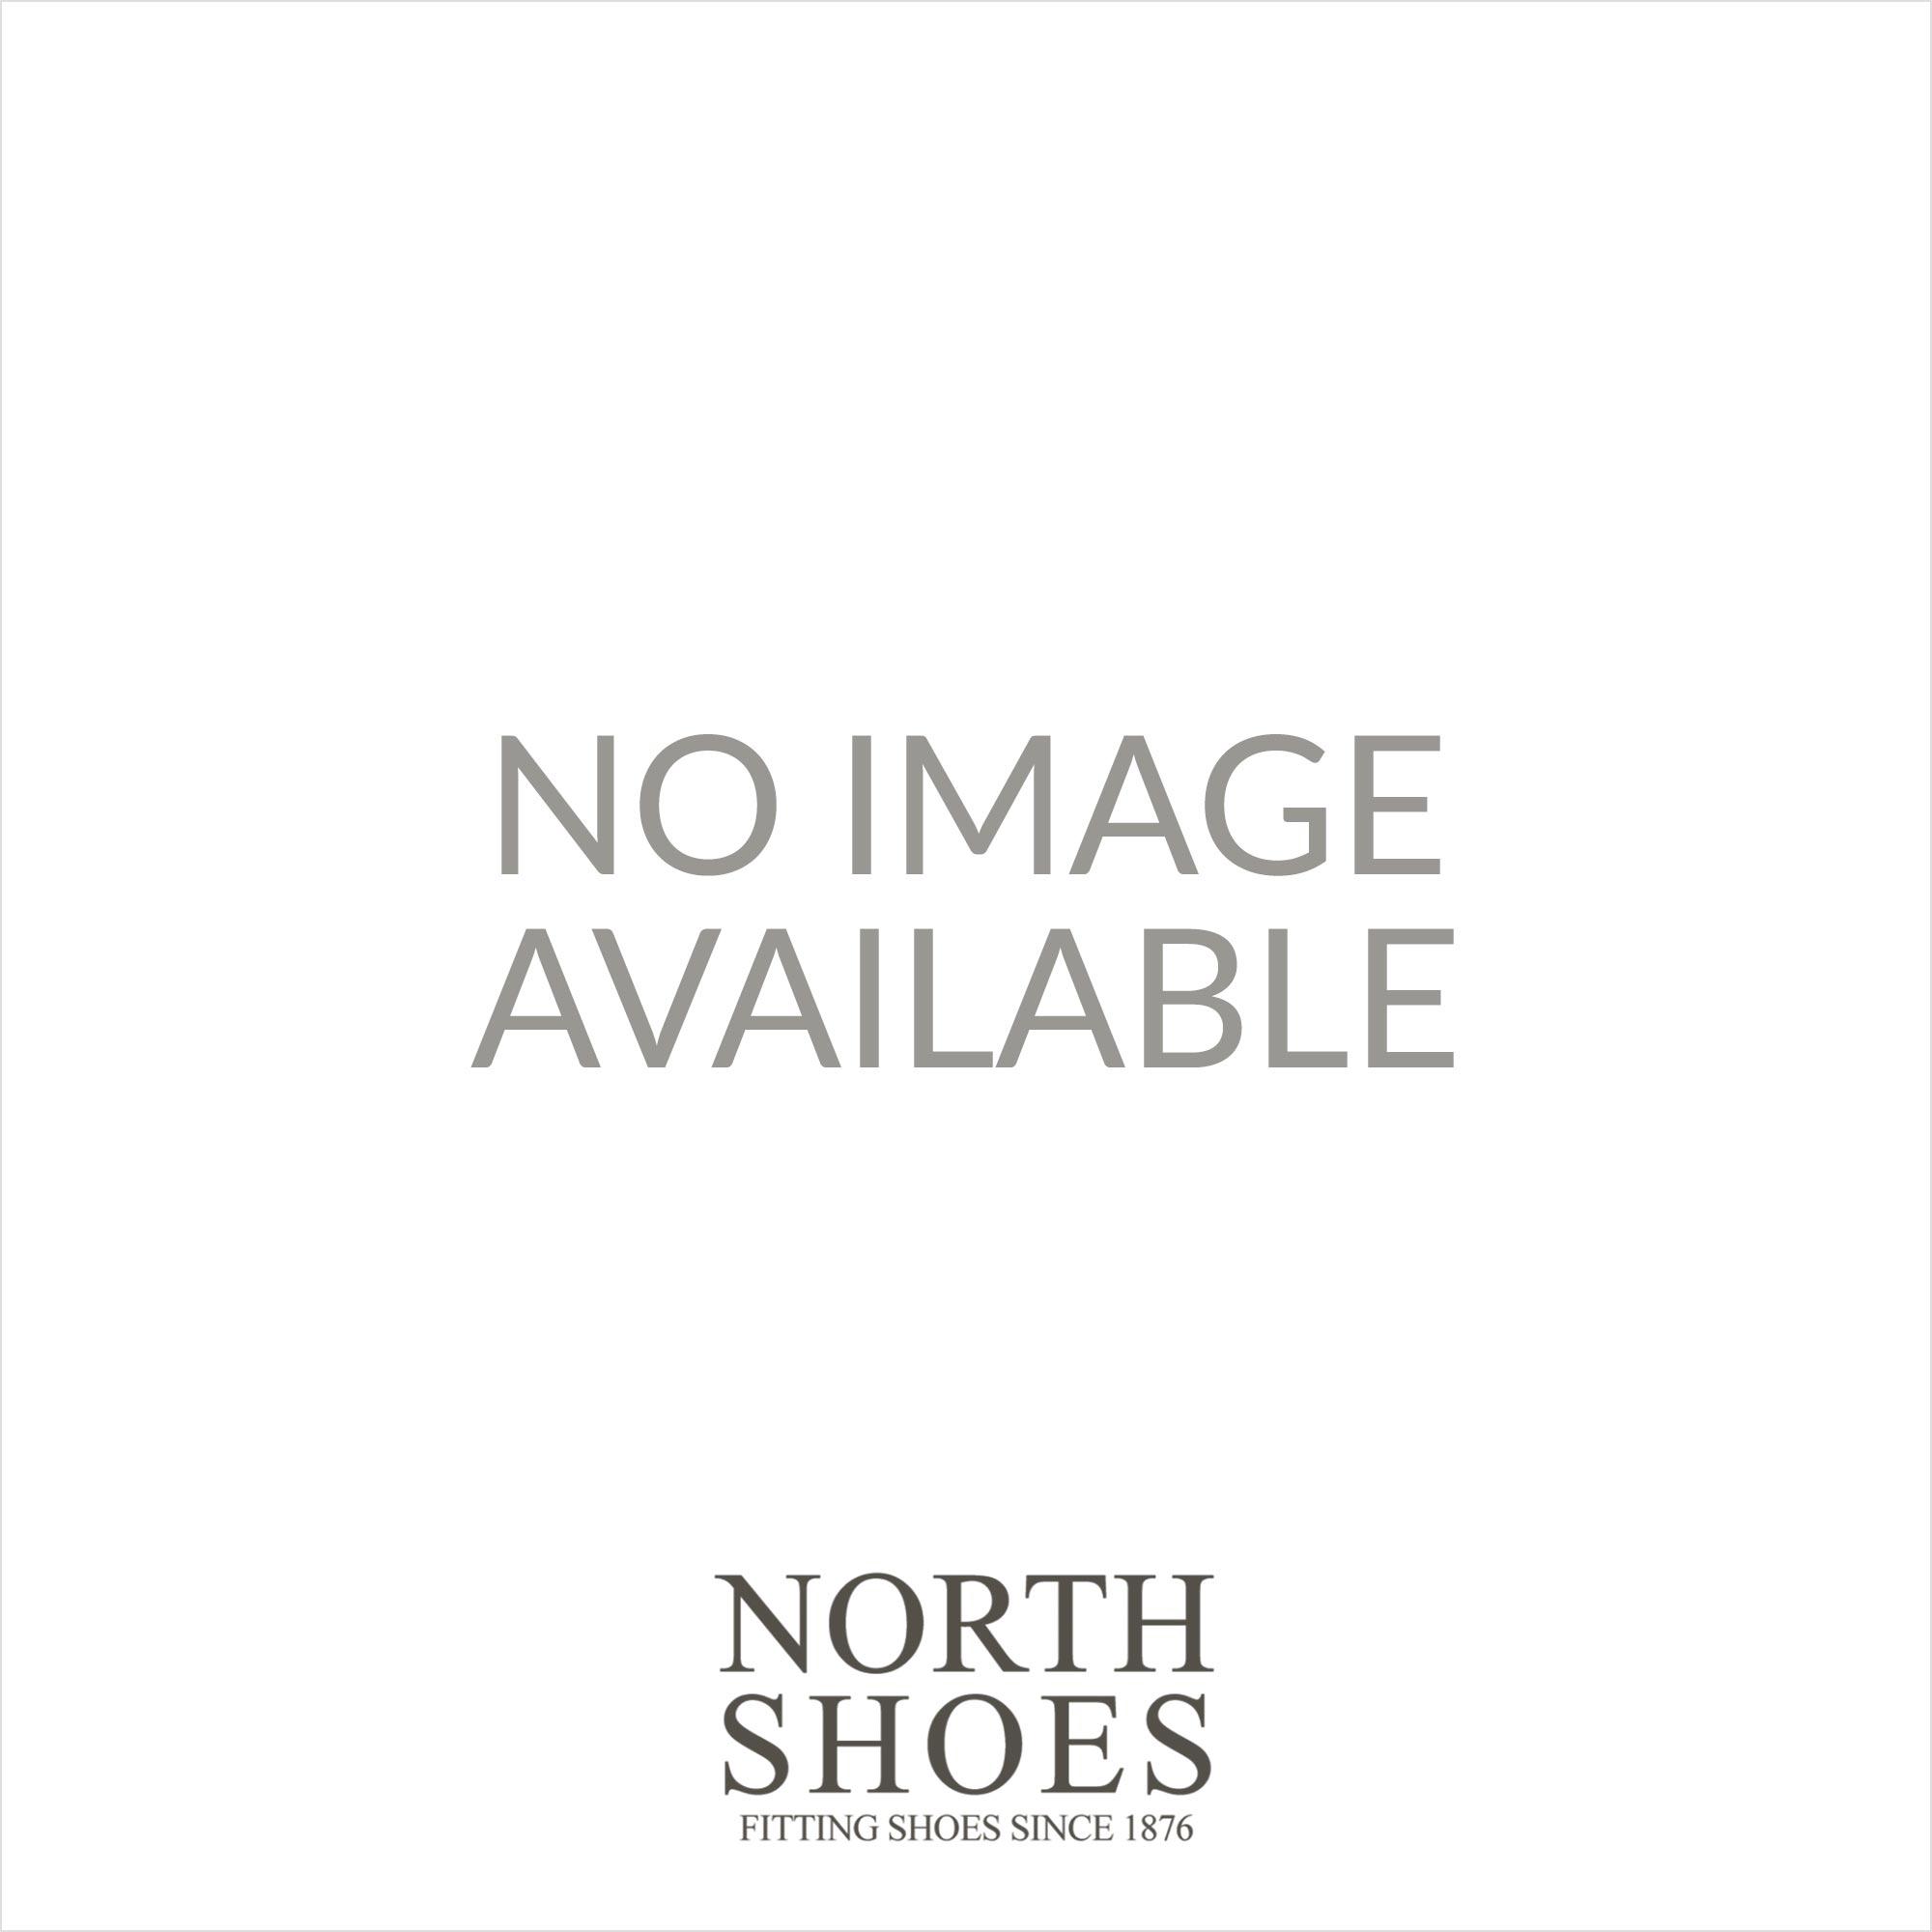 6d42c3338b40 ... Fitflop Superskate Black Leather Womens Slip On Loafer Shoe - UK 5 ...